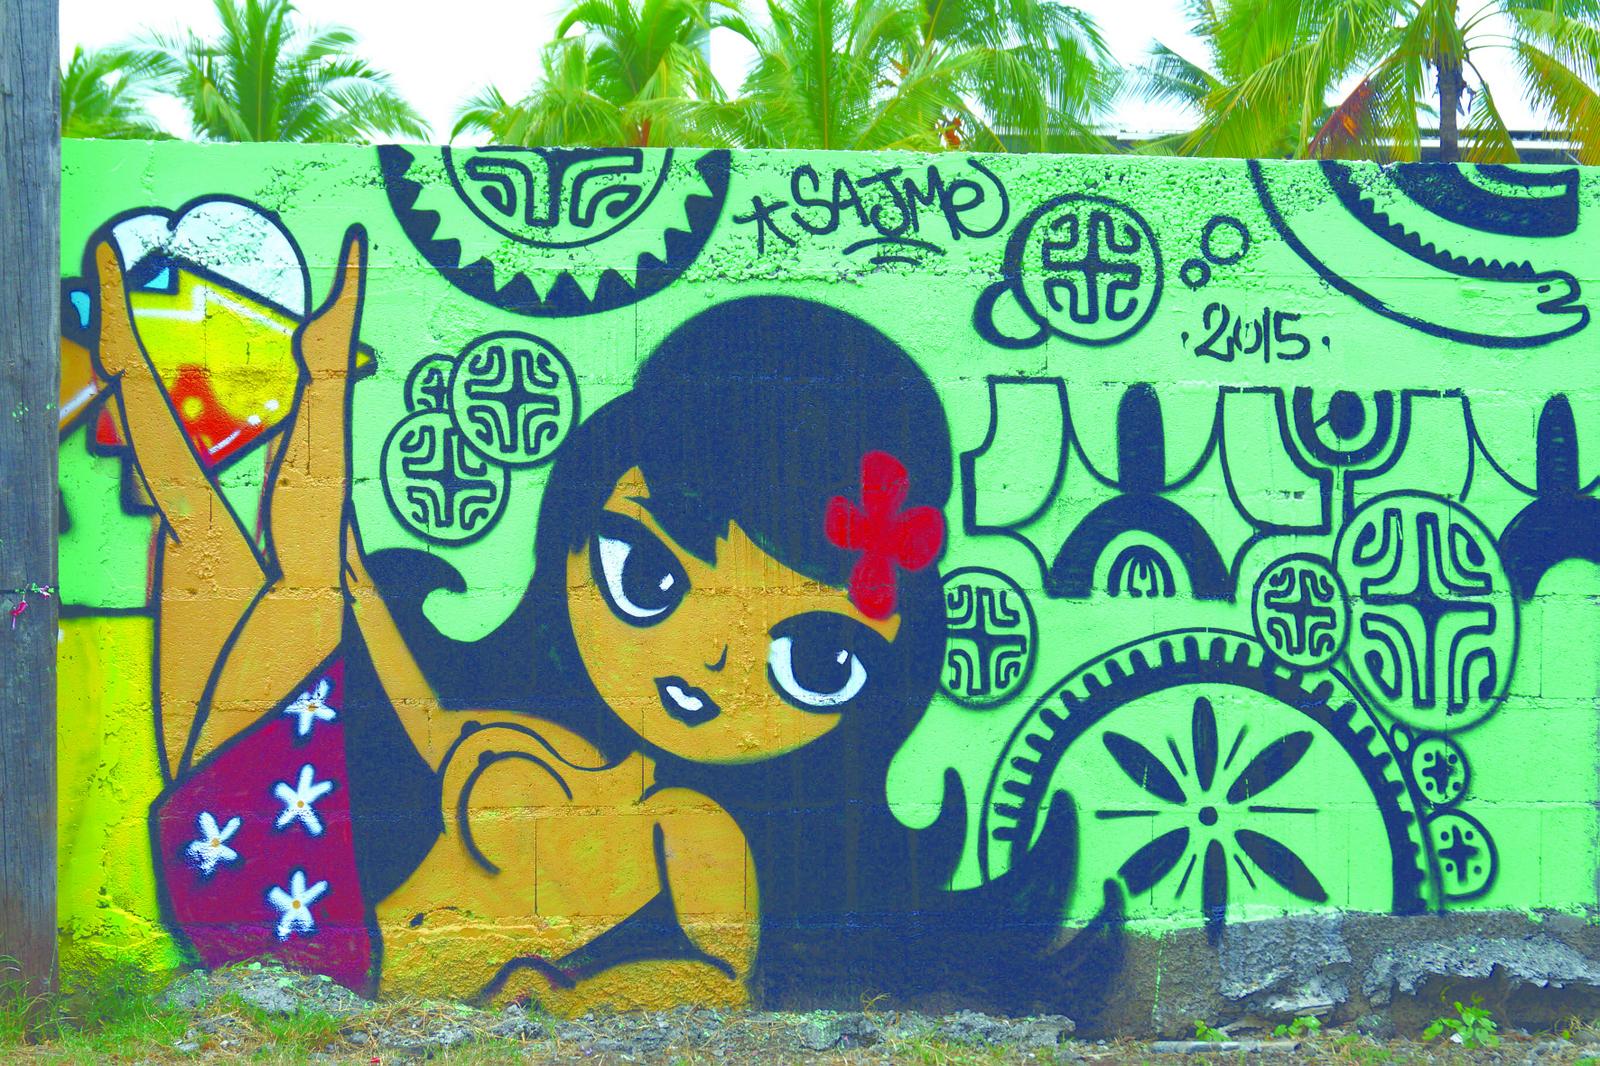 Le street art connaît une évolution fulgurante en Polynésie depuis un peu plus d'une décennie. (Sajme)